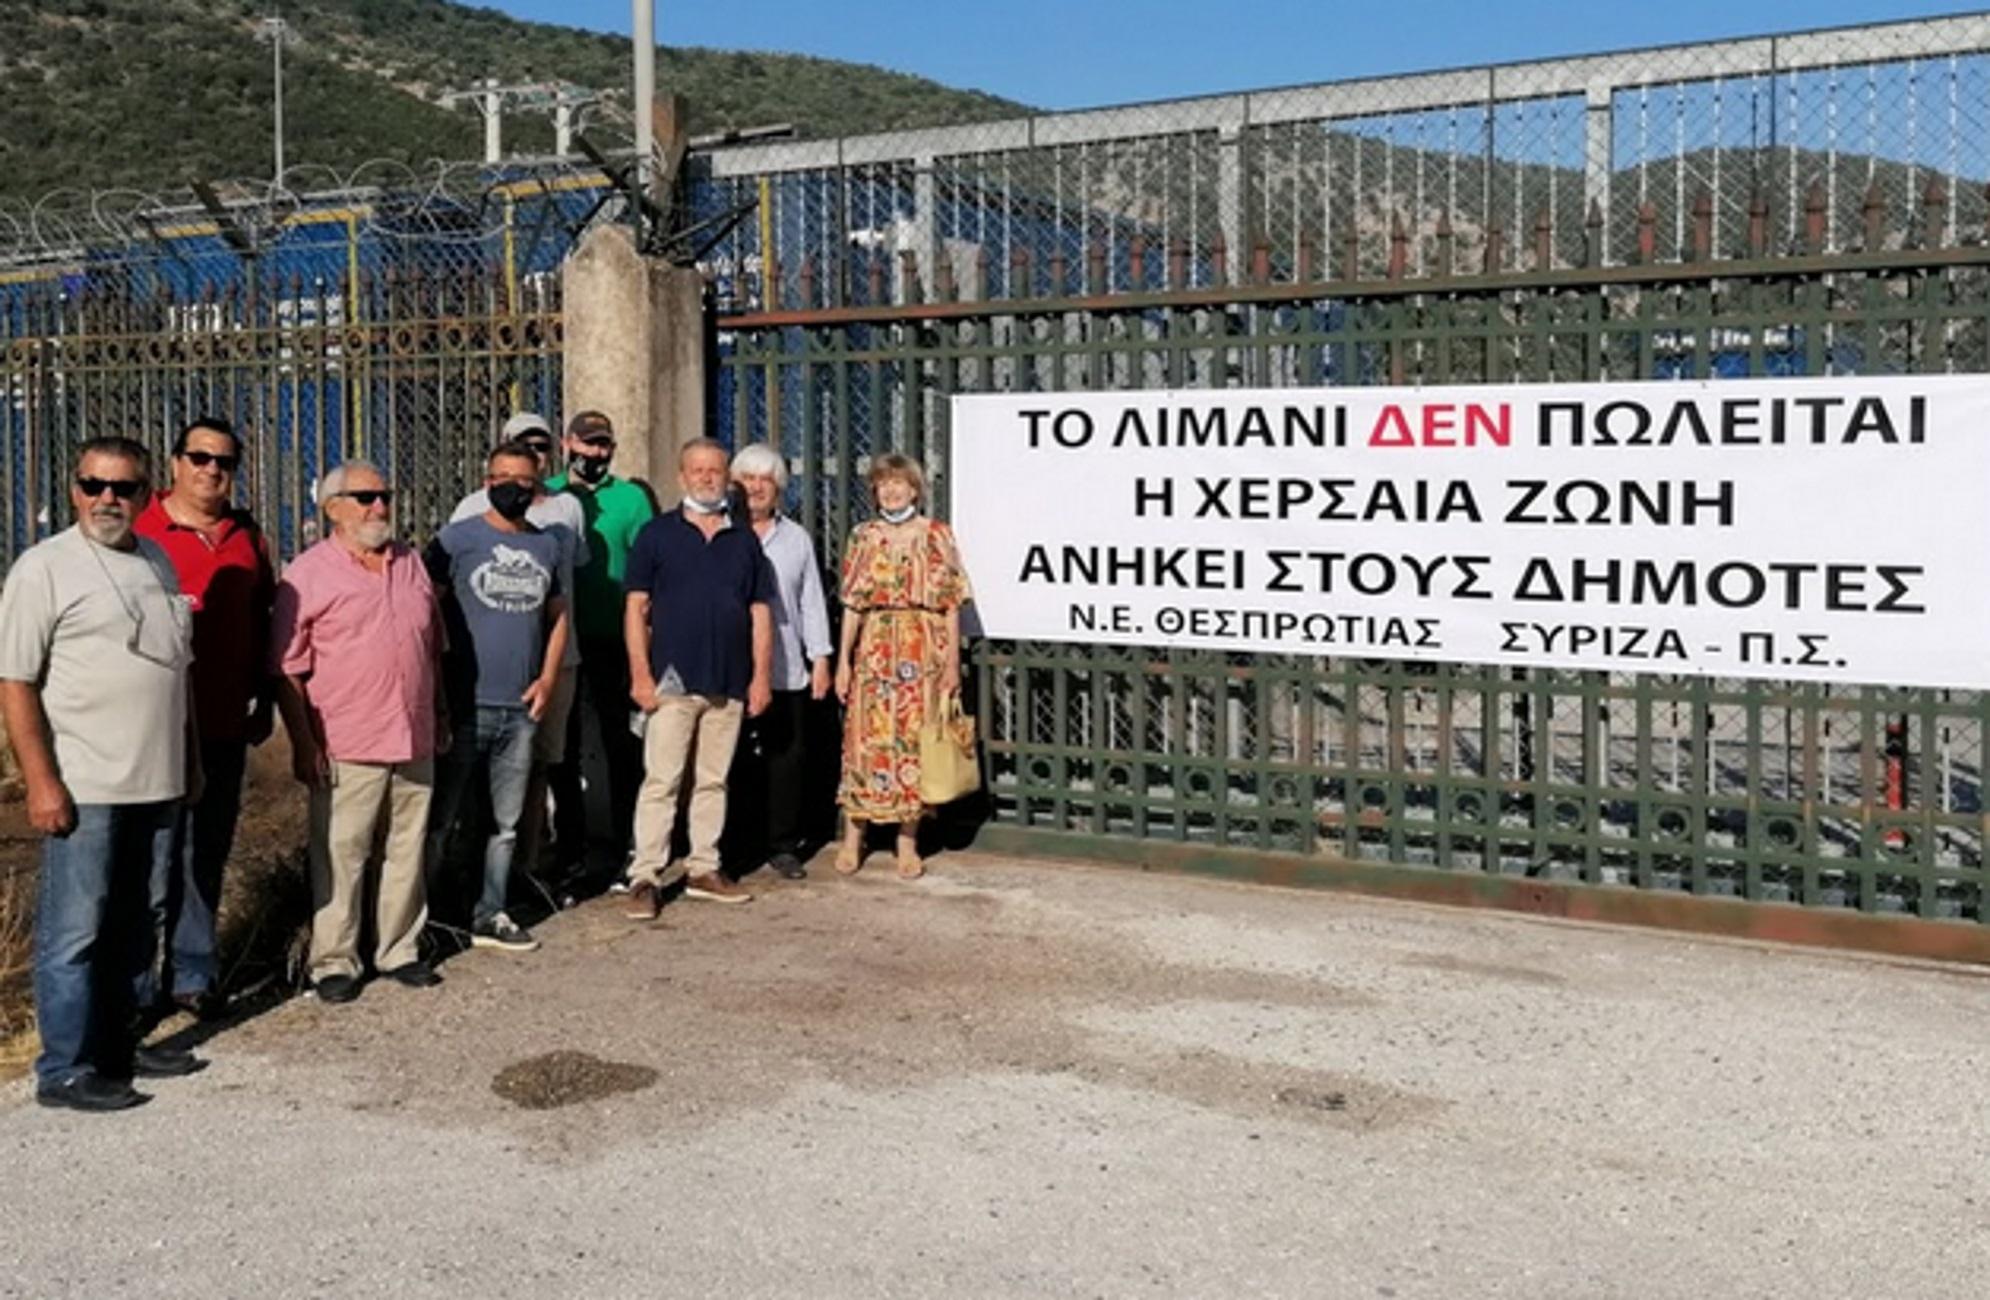 Ηγουμενίτσα: Έκλεισαν το λιμάνι για δύο ώρες – Το αίτημα και η σκέψη για νέες κινητοποιήσεις